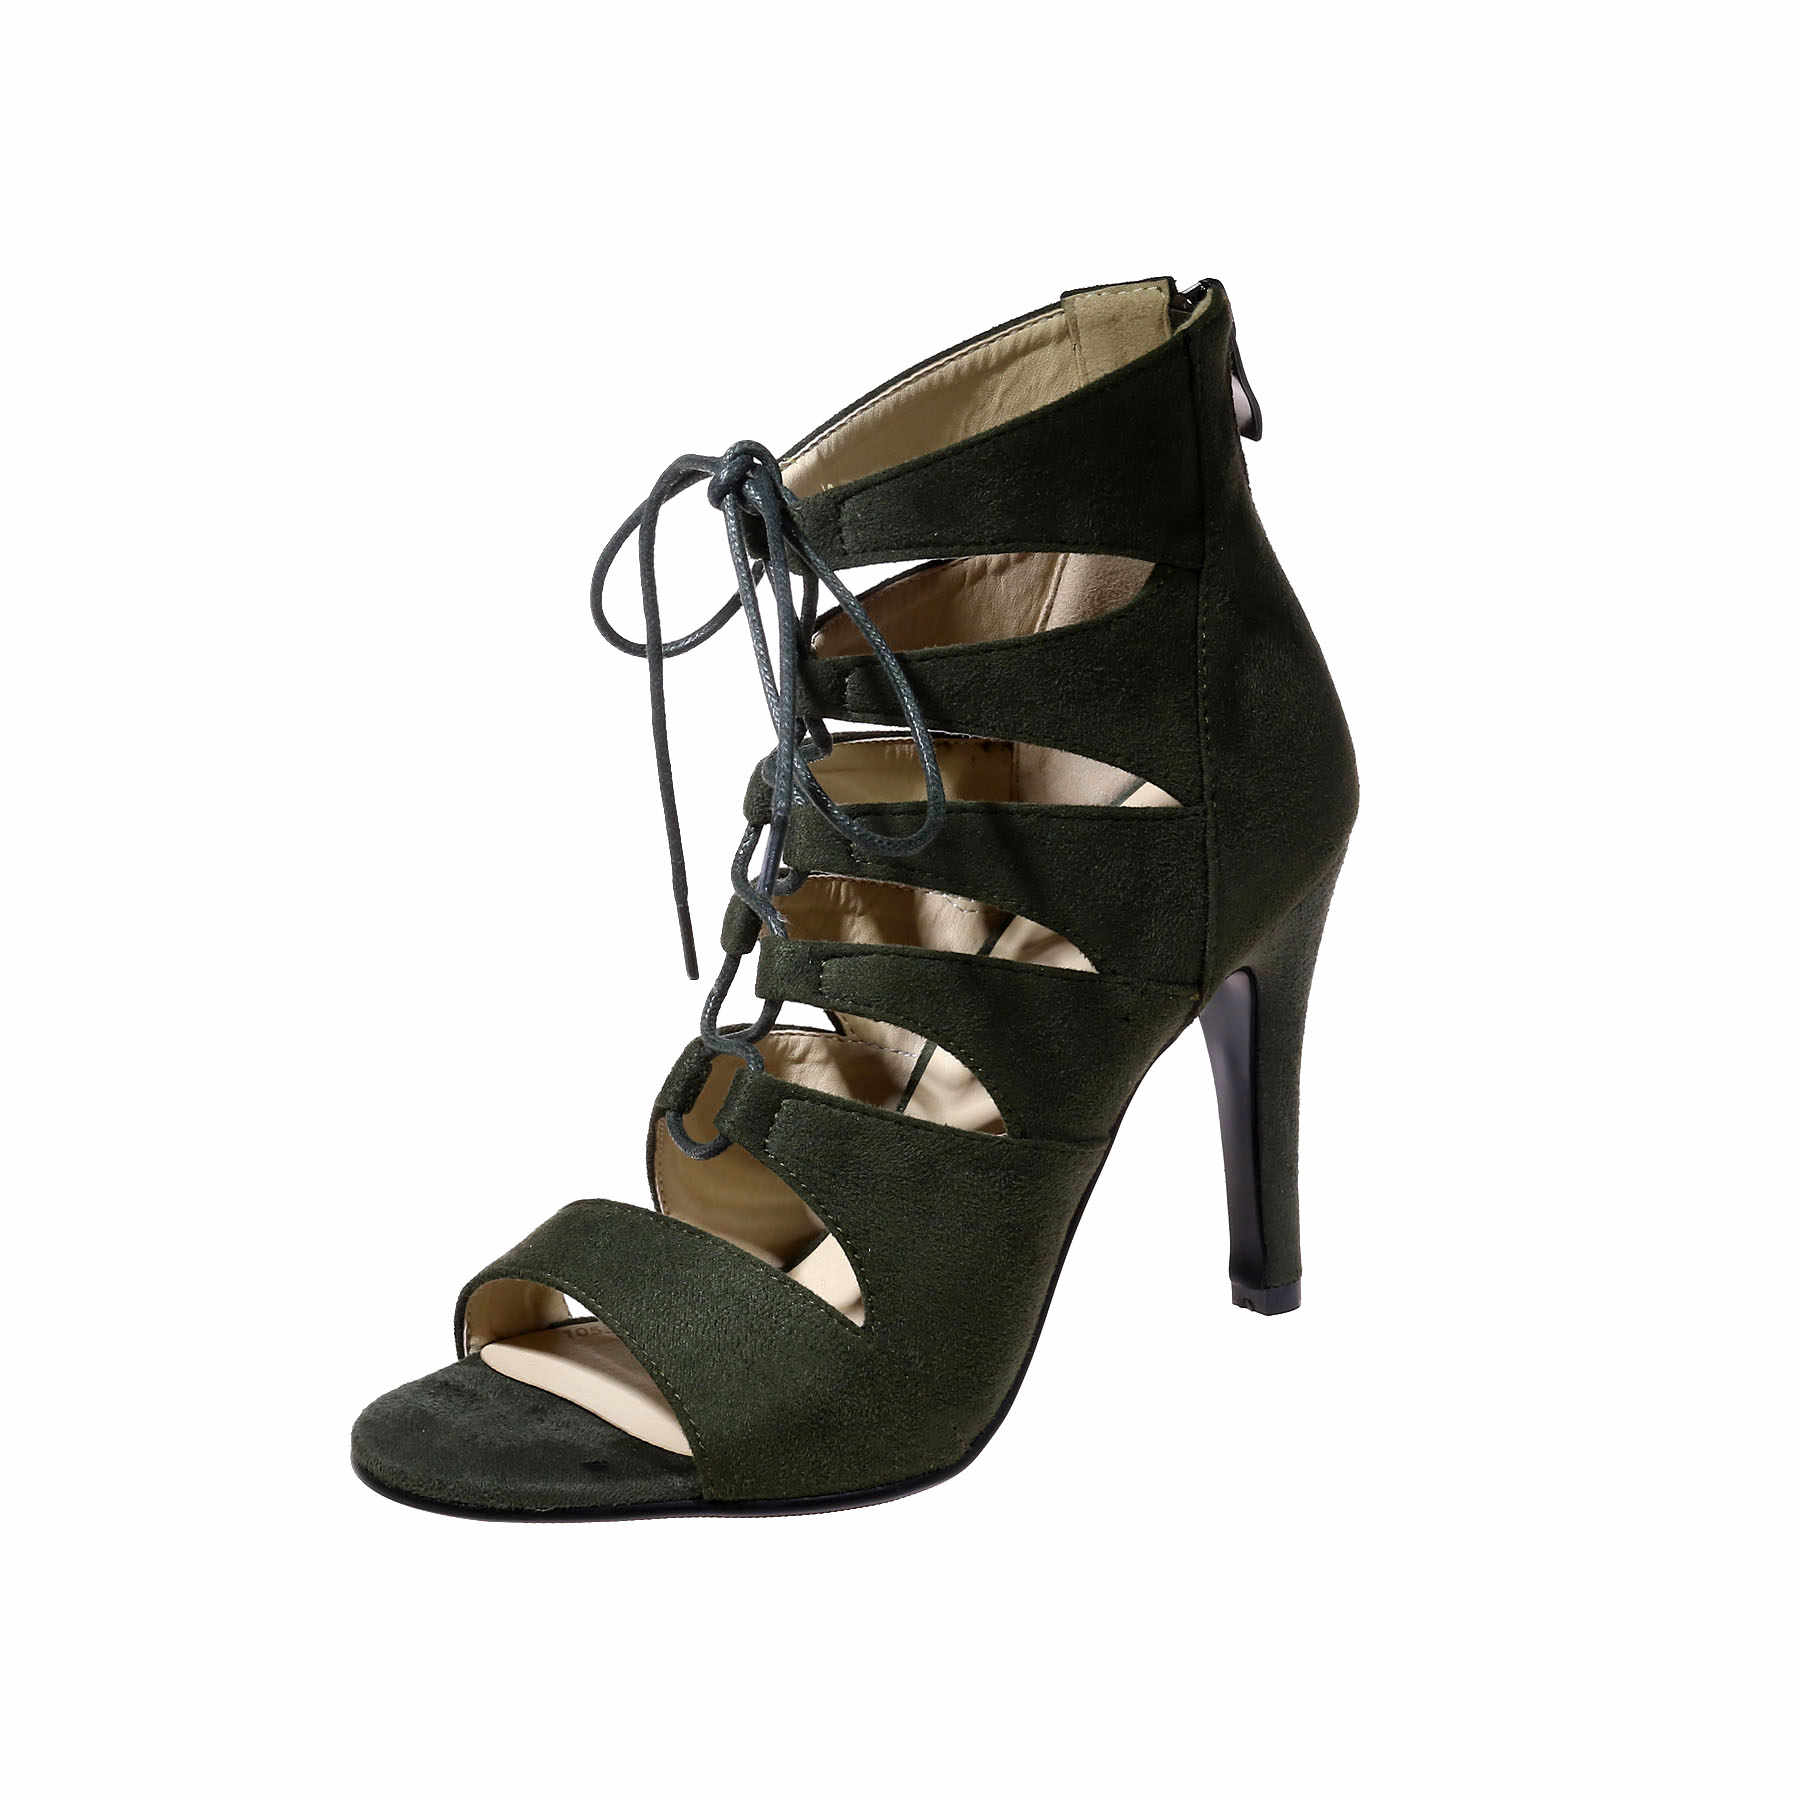 Nieuwe Vrouwen Laarzen 2018 Vrouw Zomer Laarzen open Teen dunne Hak Hak schoenen Breien Bootie Vrouwelijke dress schoenen vrouw